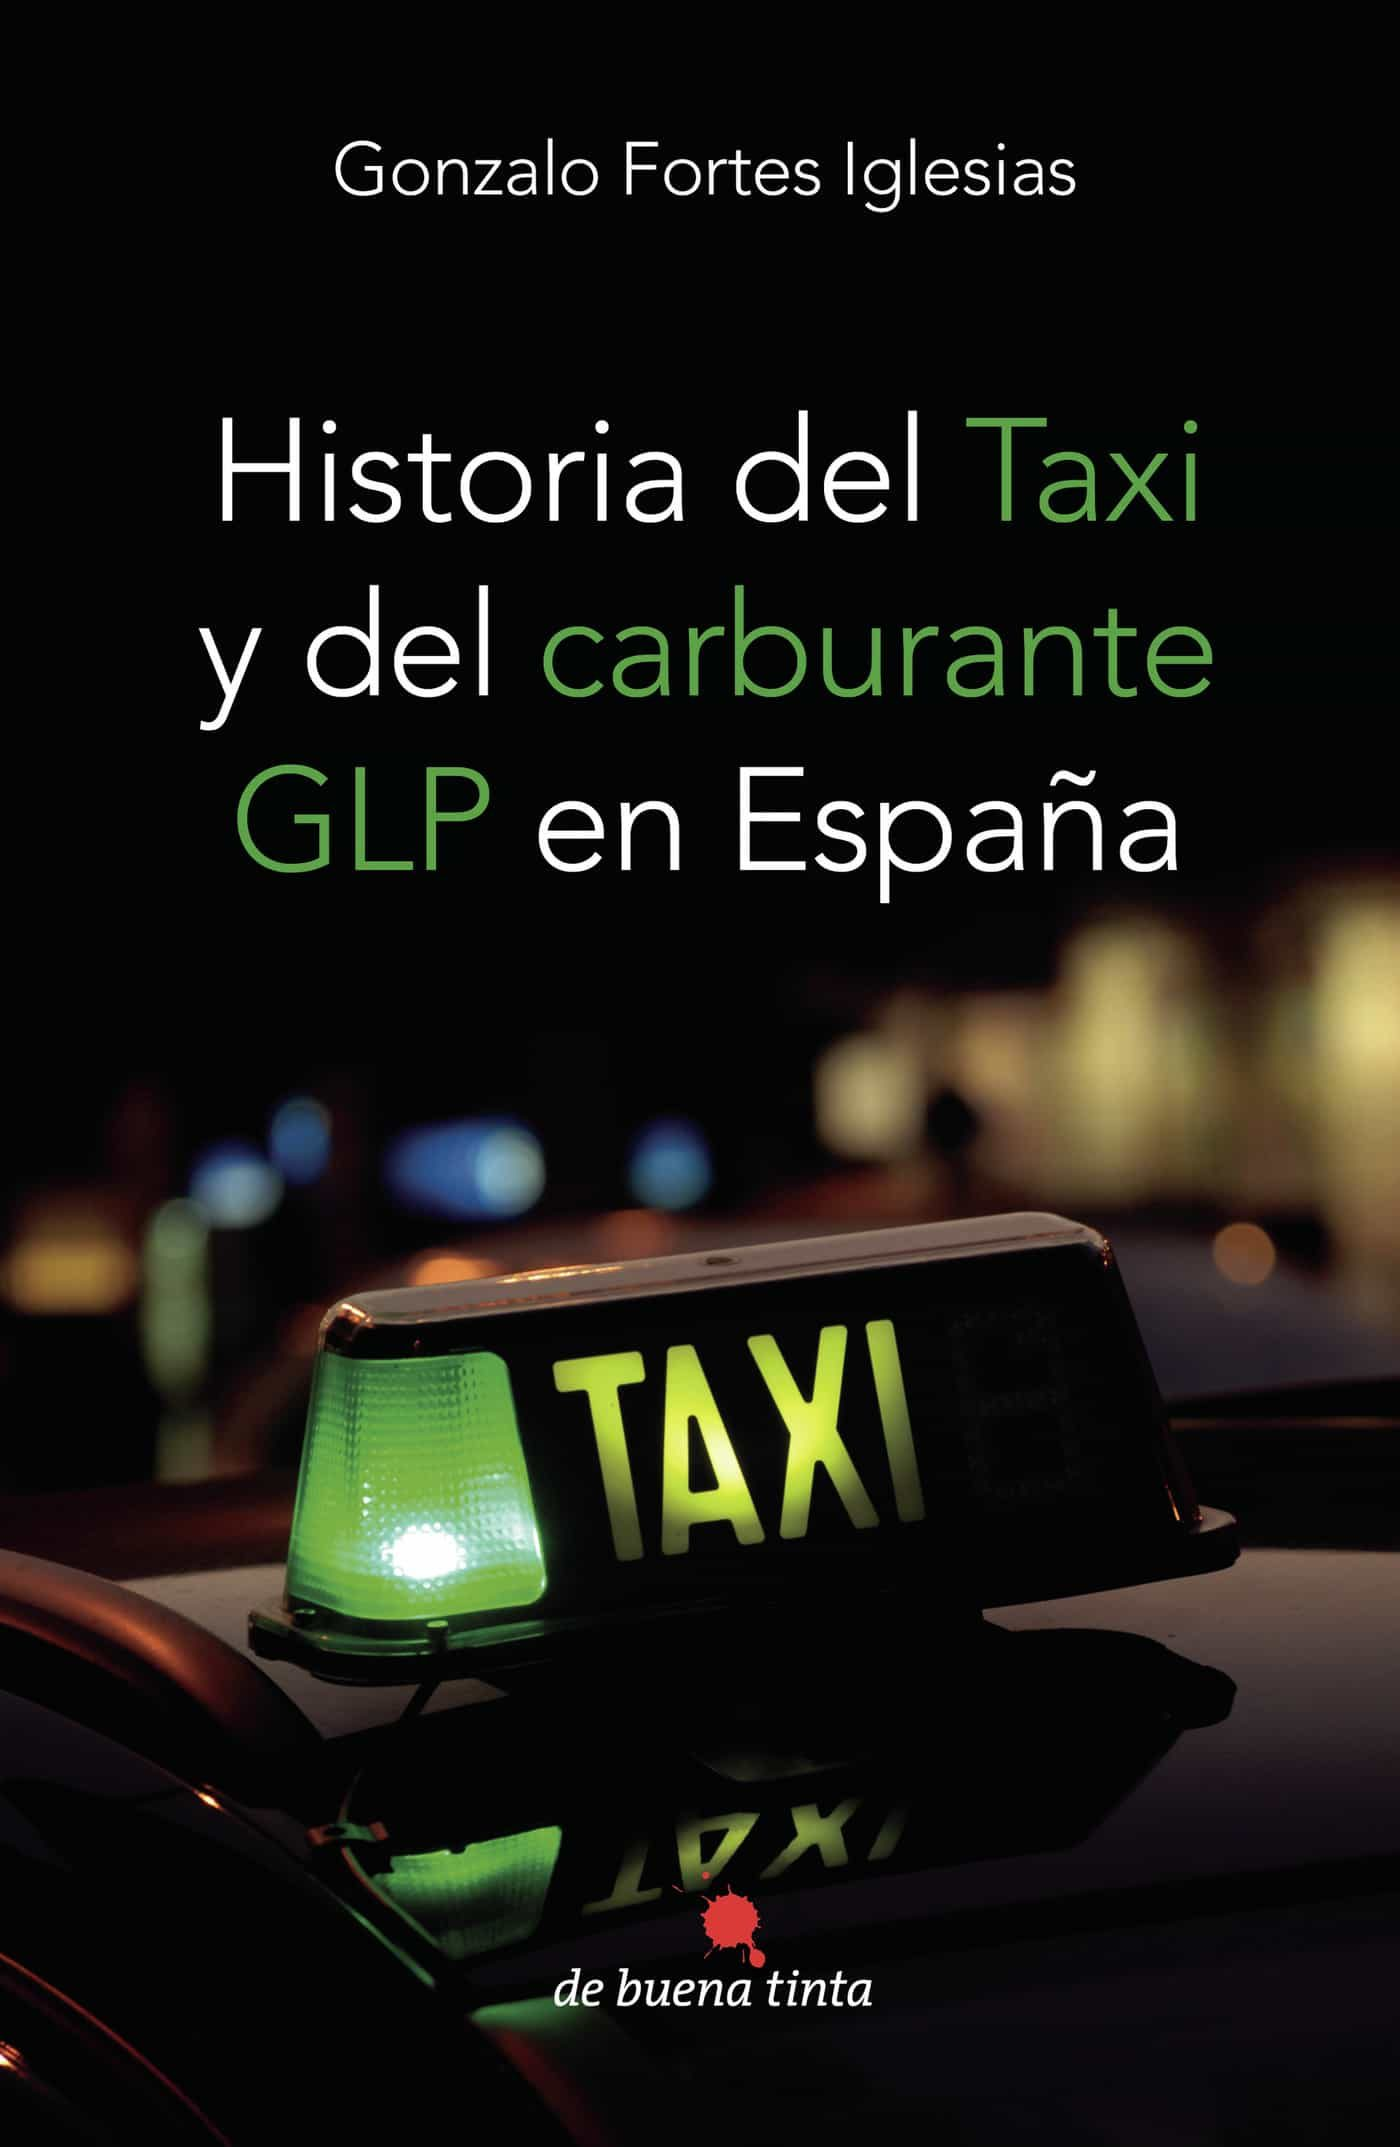 Historia del taxi y del carburante GLP en España